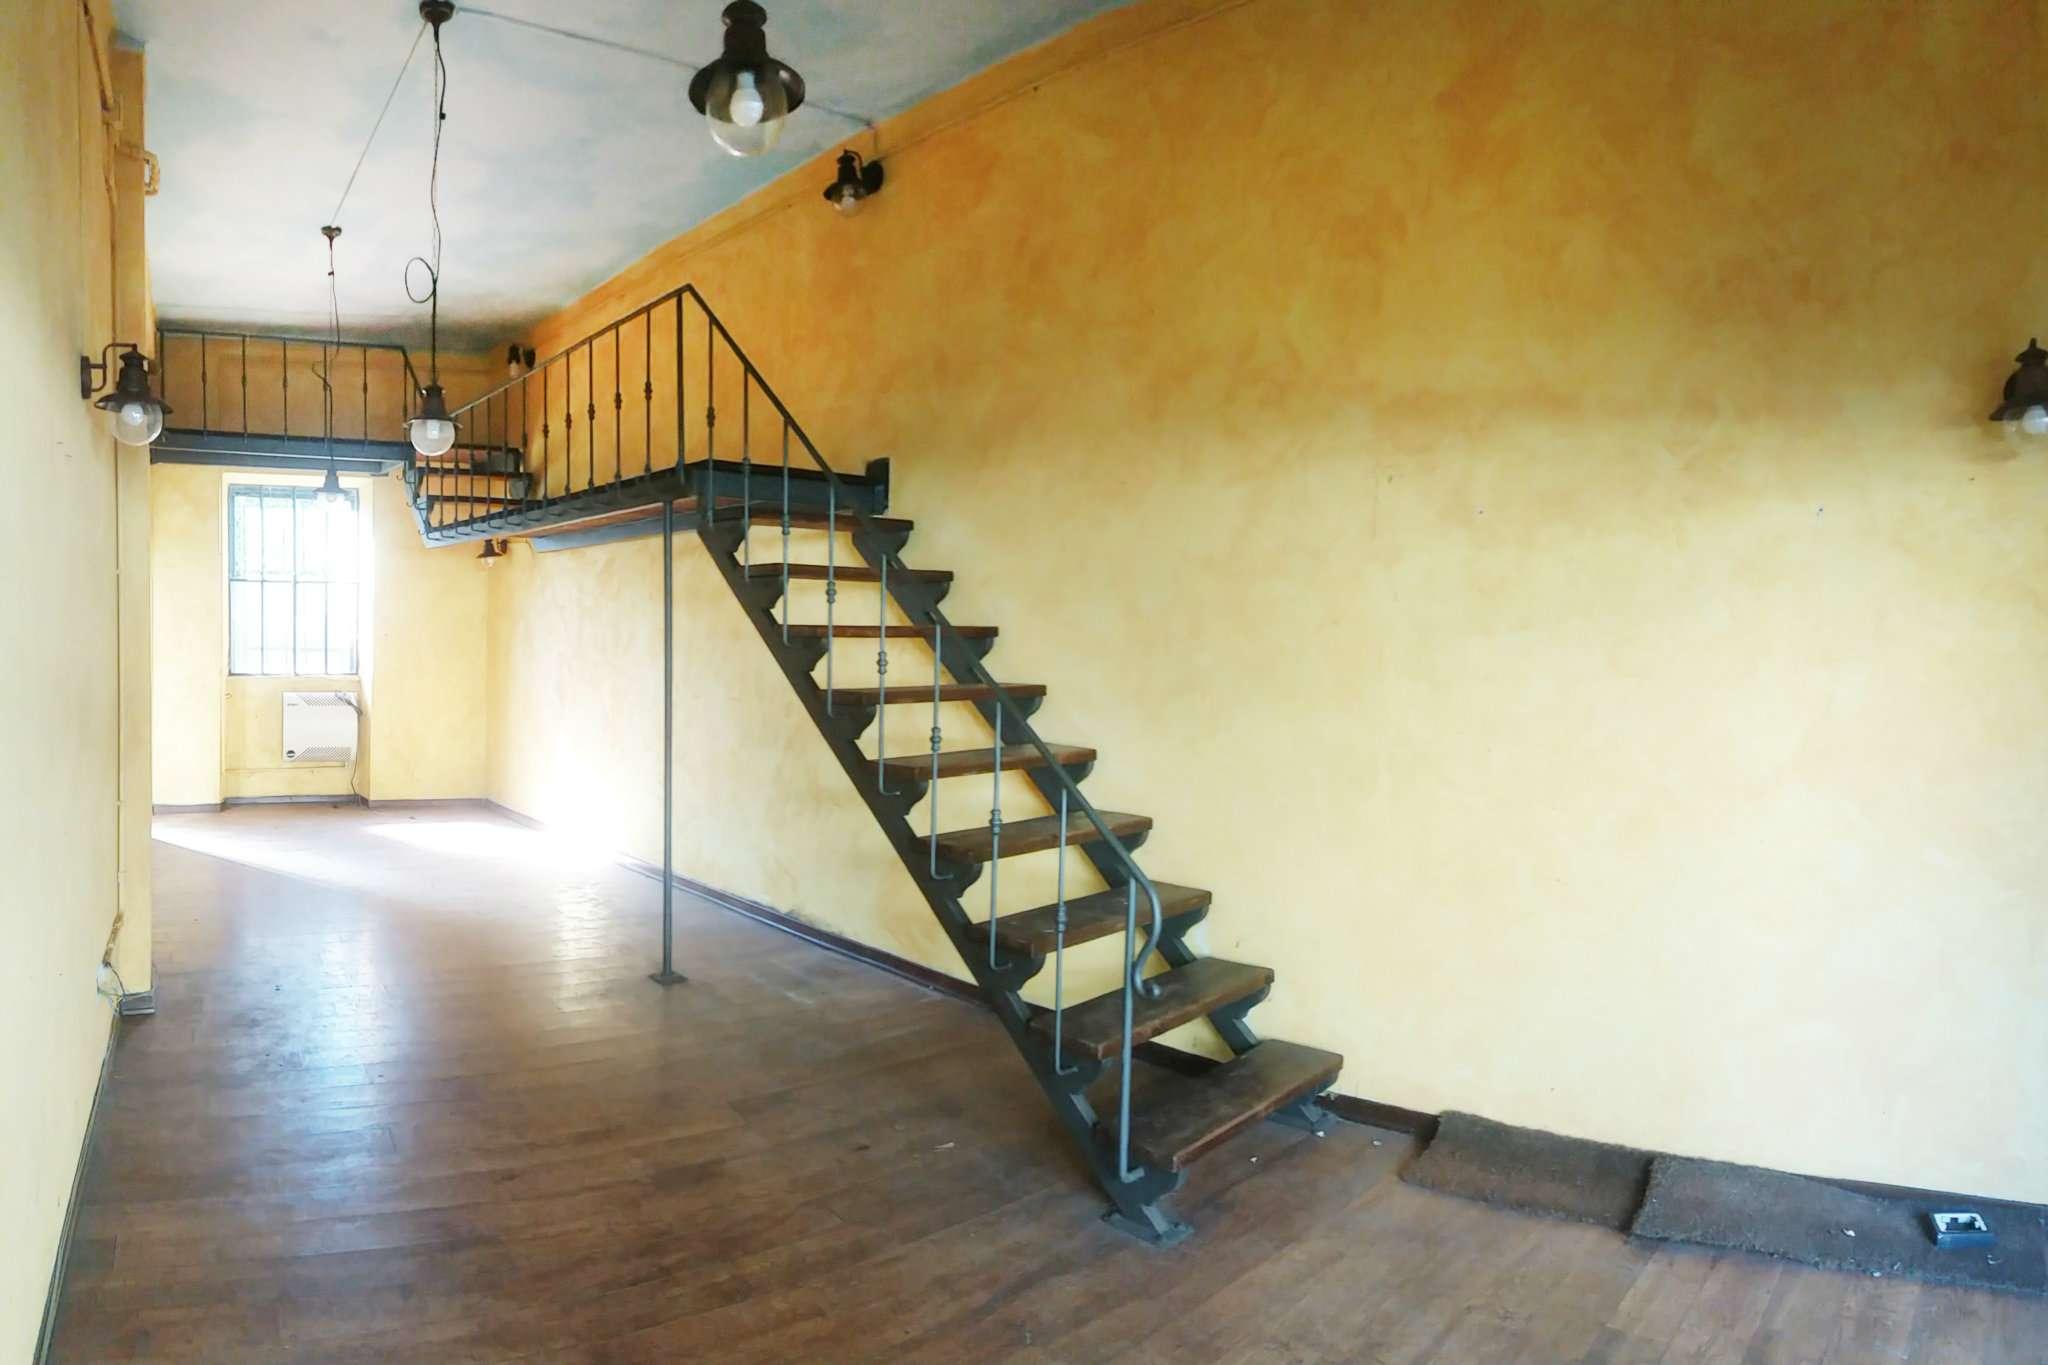 Negozio / Locale in affitto a Ovada, 2 locali, prezzo € 450 | CambioCasa.it